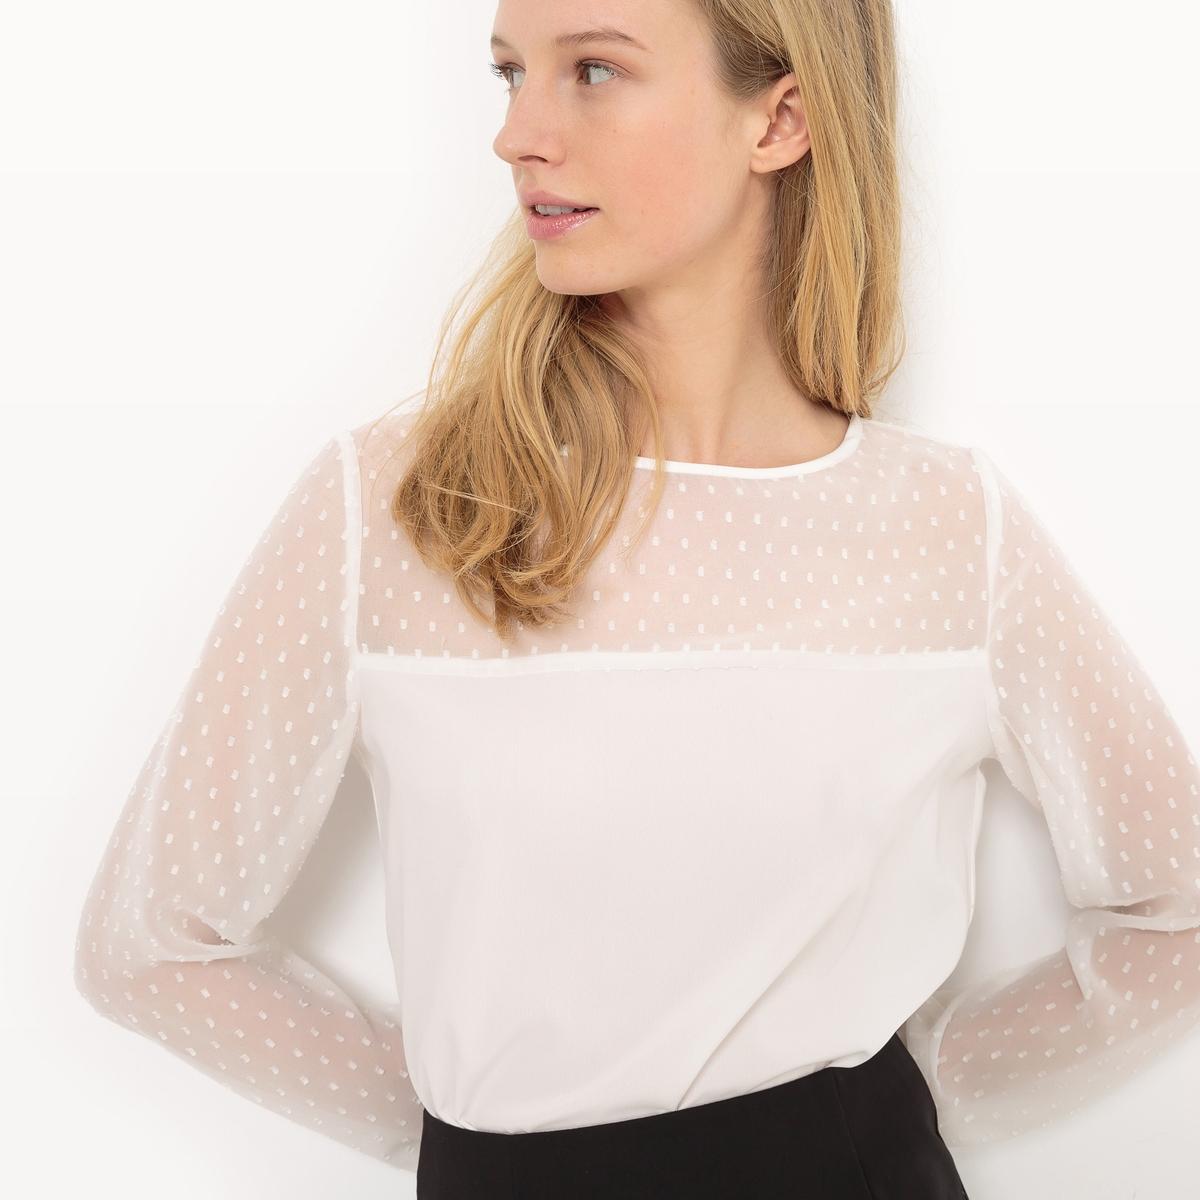 Блузка с длинными рукавами, вставка, расшитая гладью